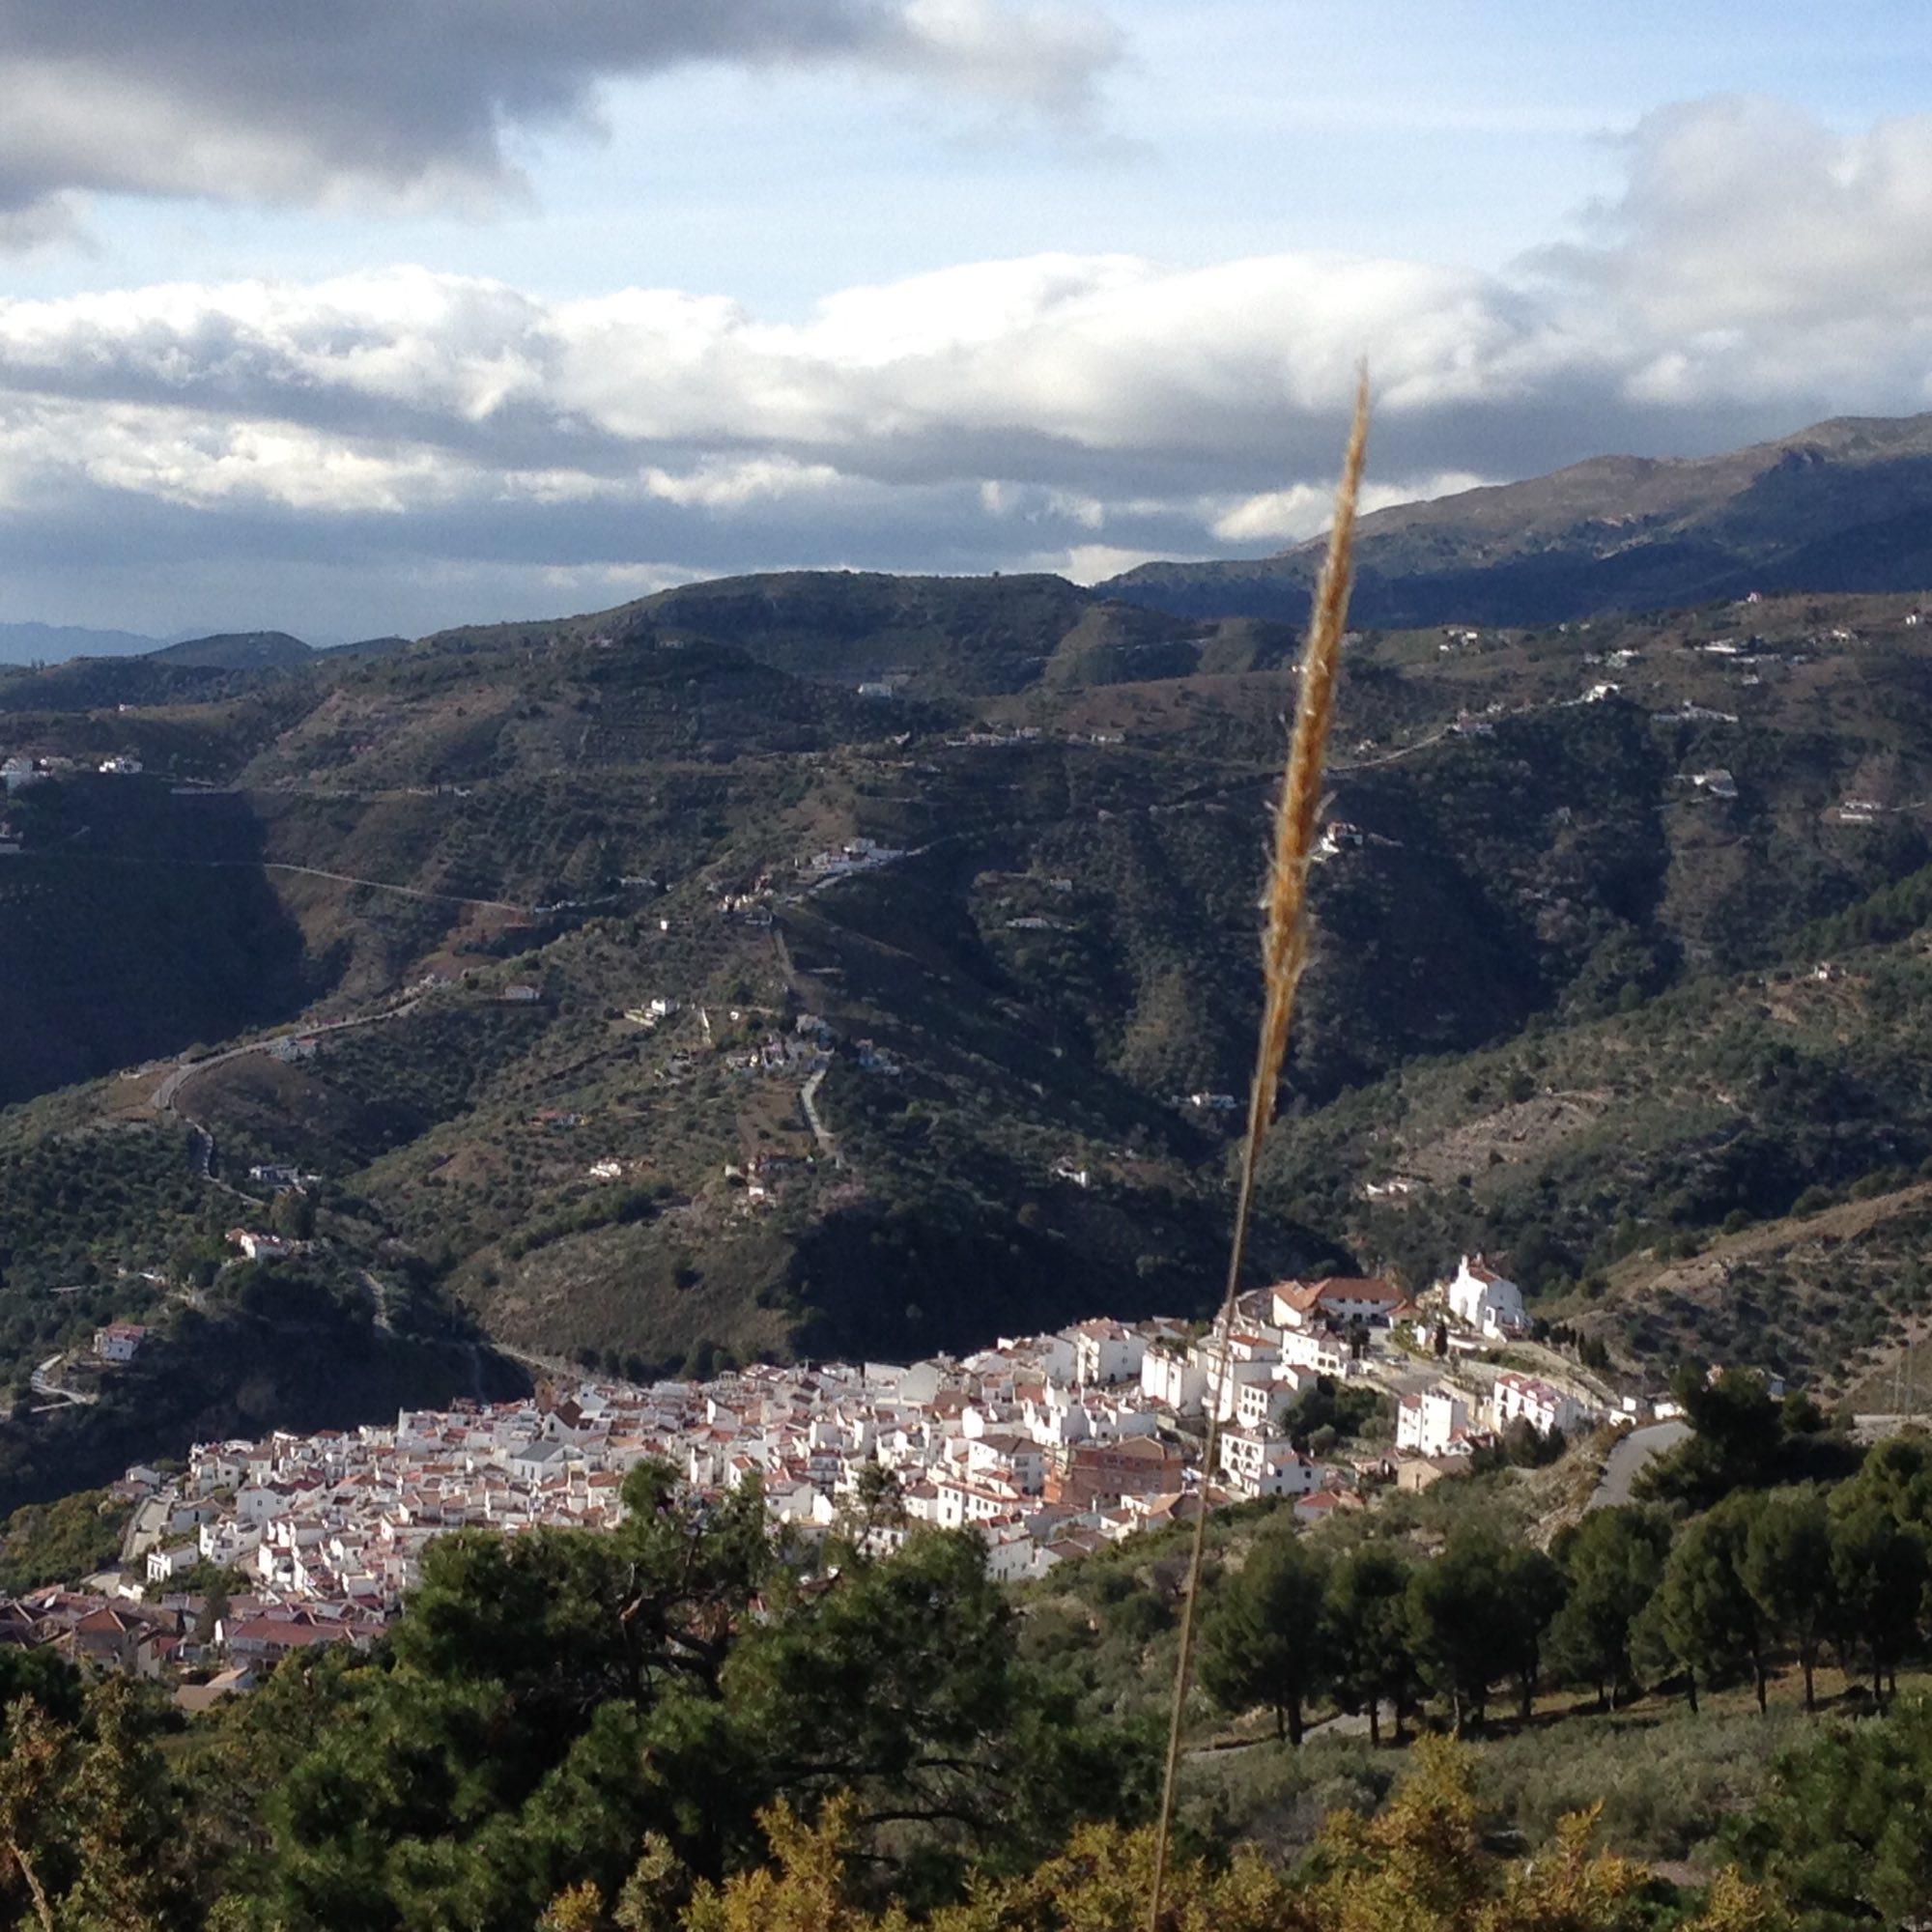 Blick auf das weiße Dorf Compéta in Andalusien